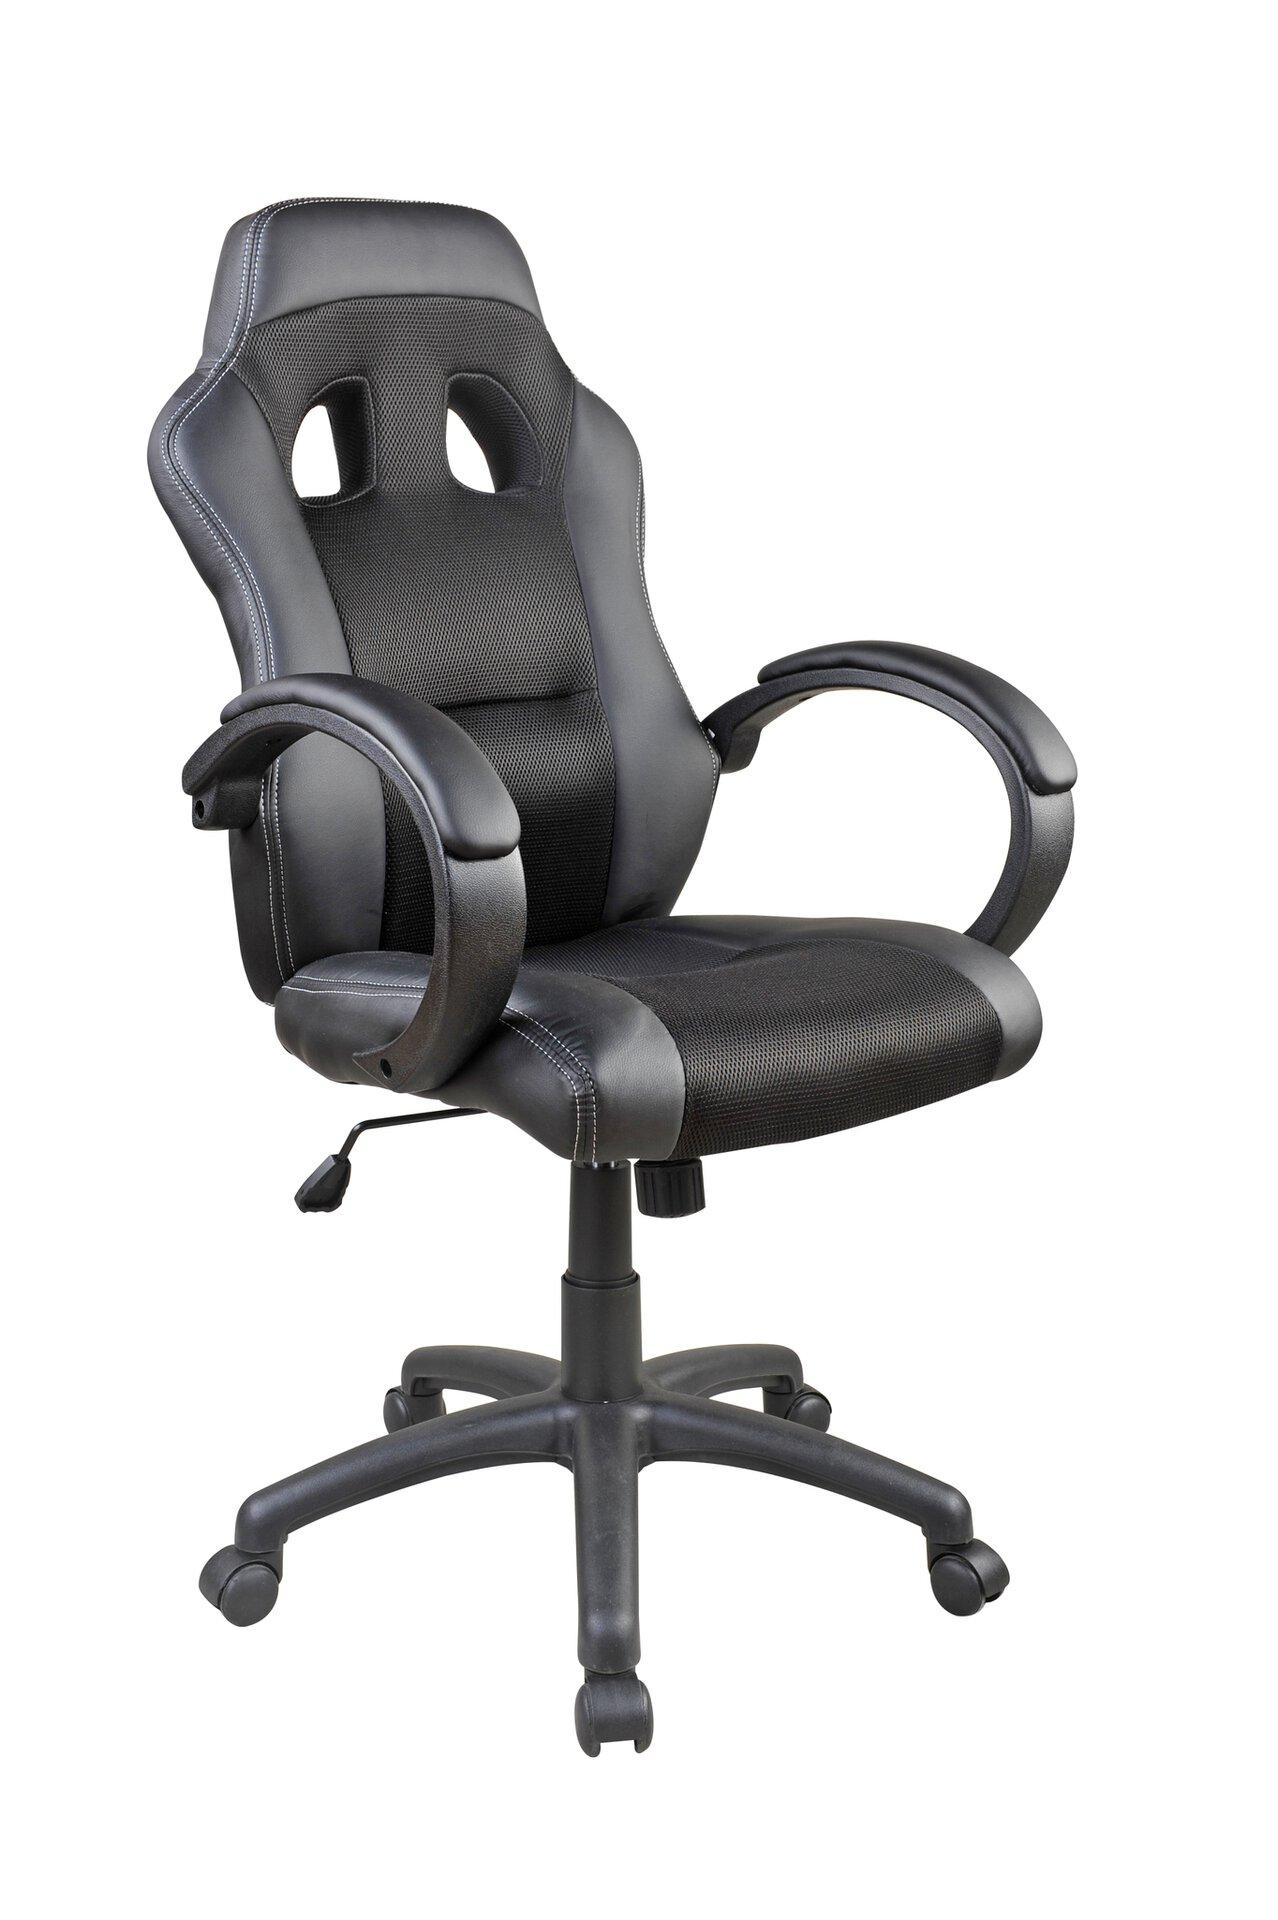 Büro-Drehstuhl ACTION CELECT Textil schwarz 68 x 120 x 63 cm